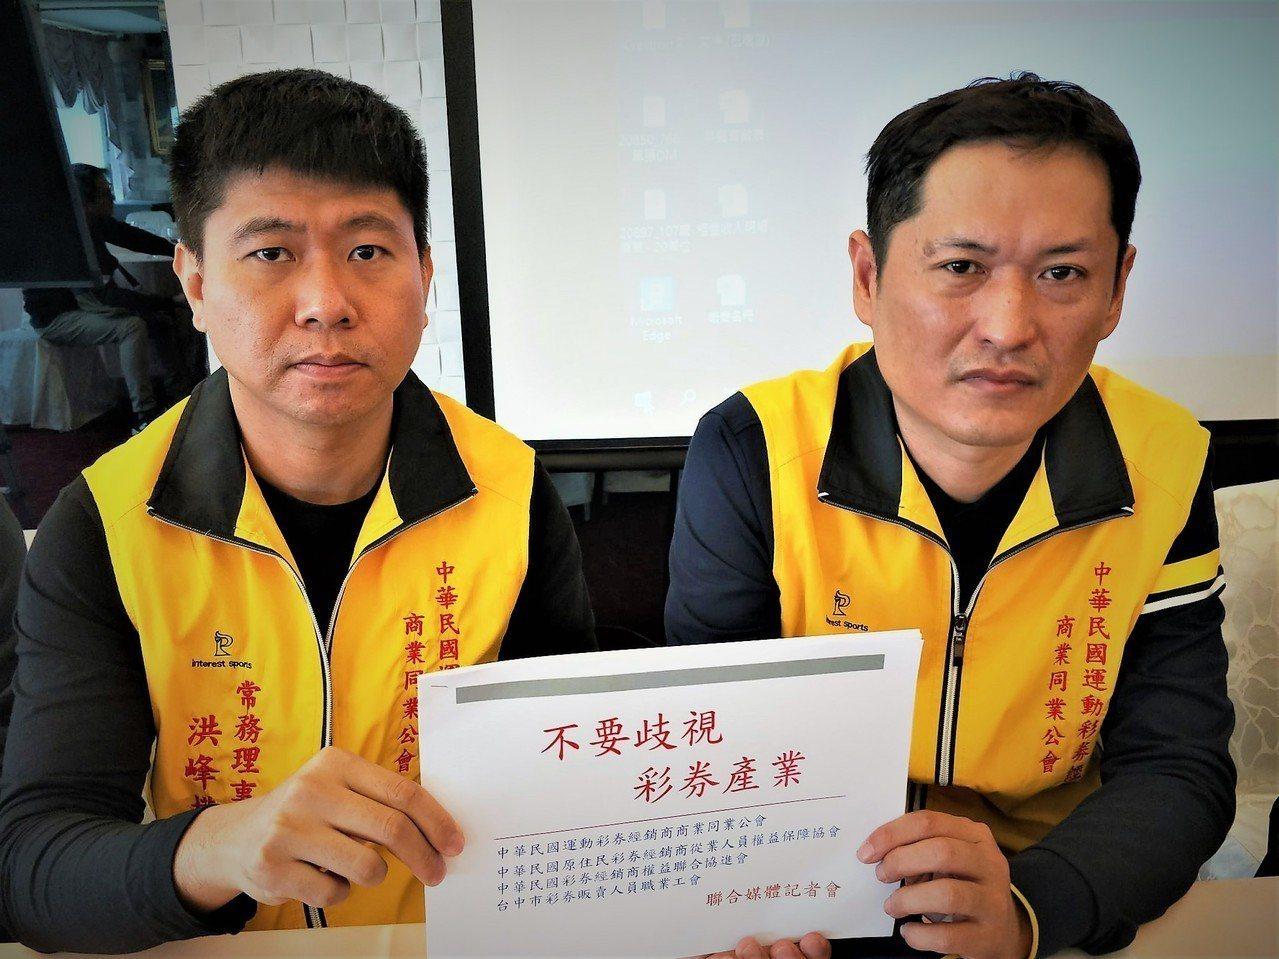 中華民國運動彩經銷商商業同業公會理事何昱奇(右)指出,以往是便利商店經常被搶,現...